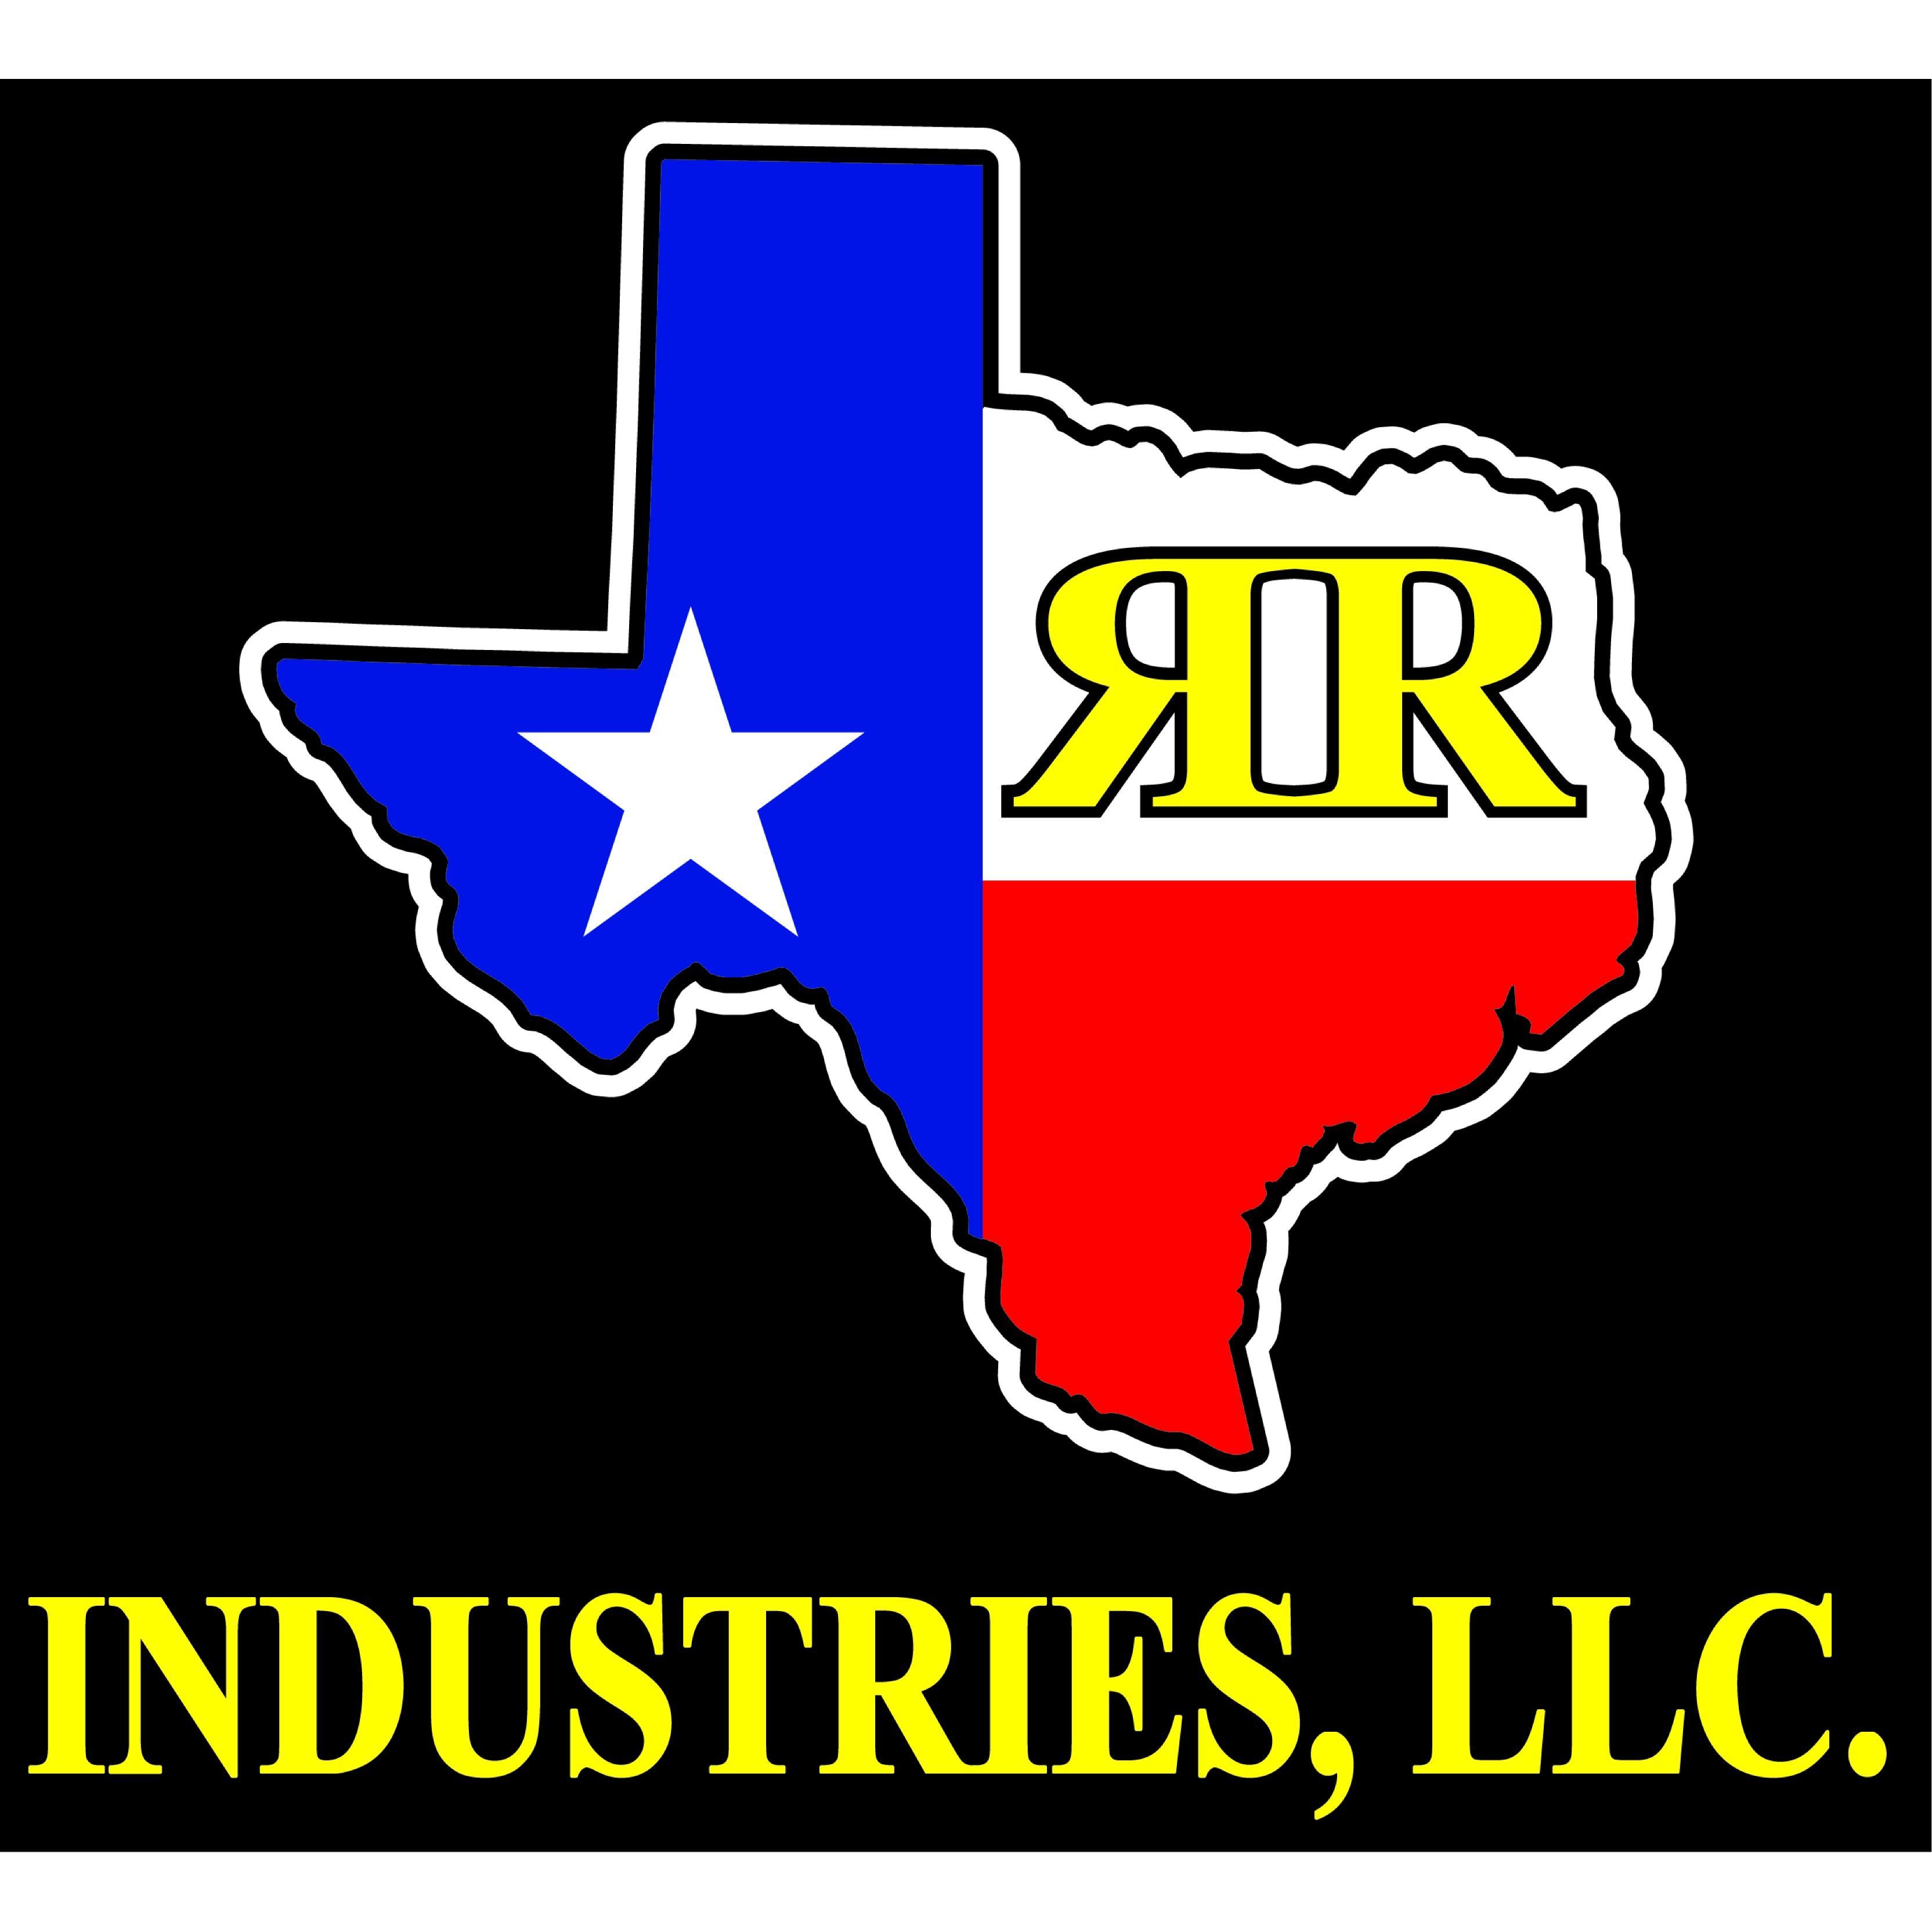 R&R Industries LLC - Temple, TX 76502 - (254)800-5683 | ShowMeLocal.com